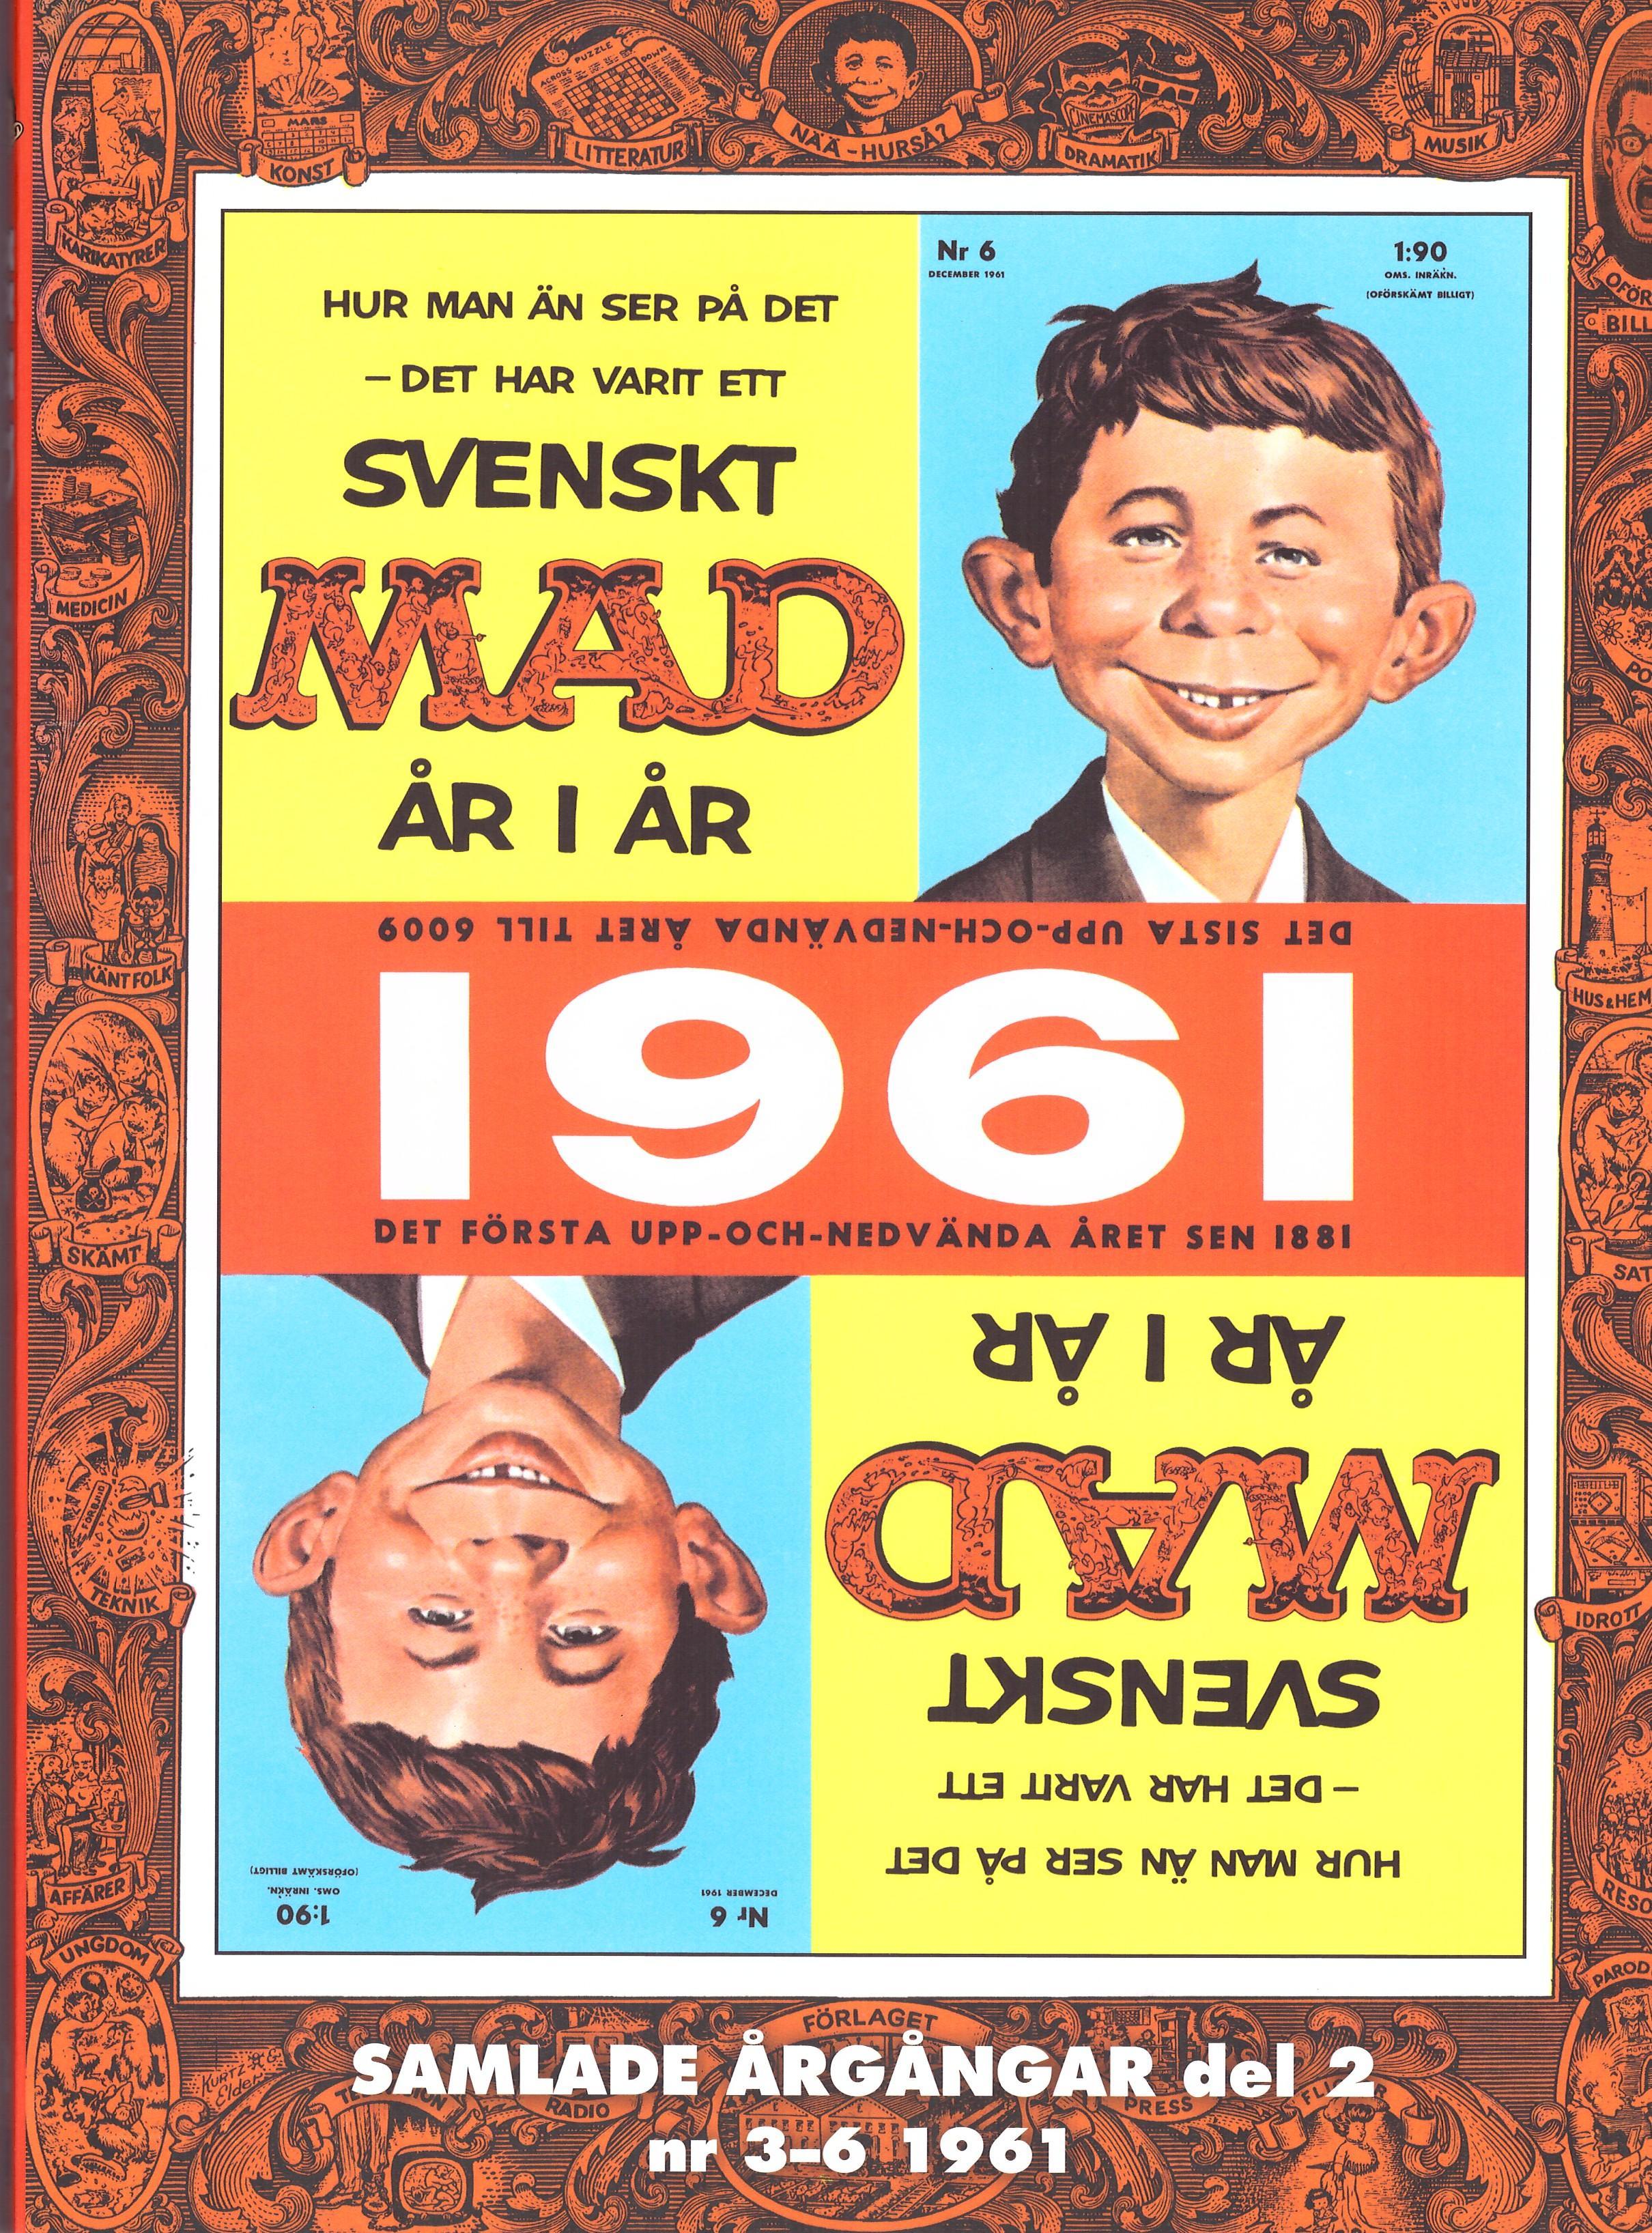 Svenska MAD Samlade årgångar #2 • Sweden